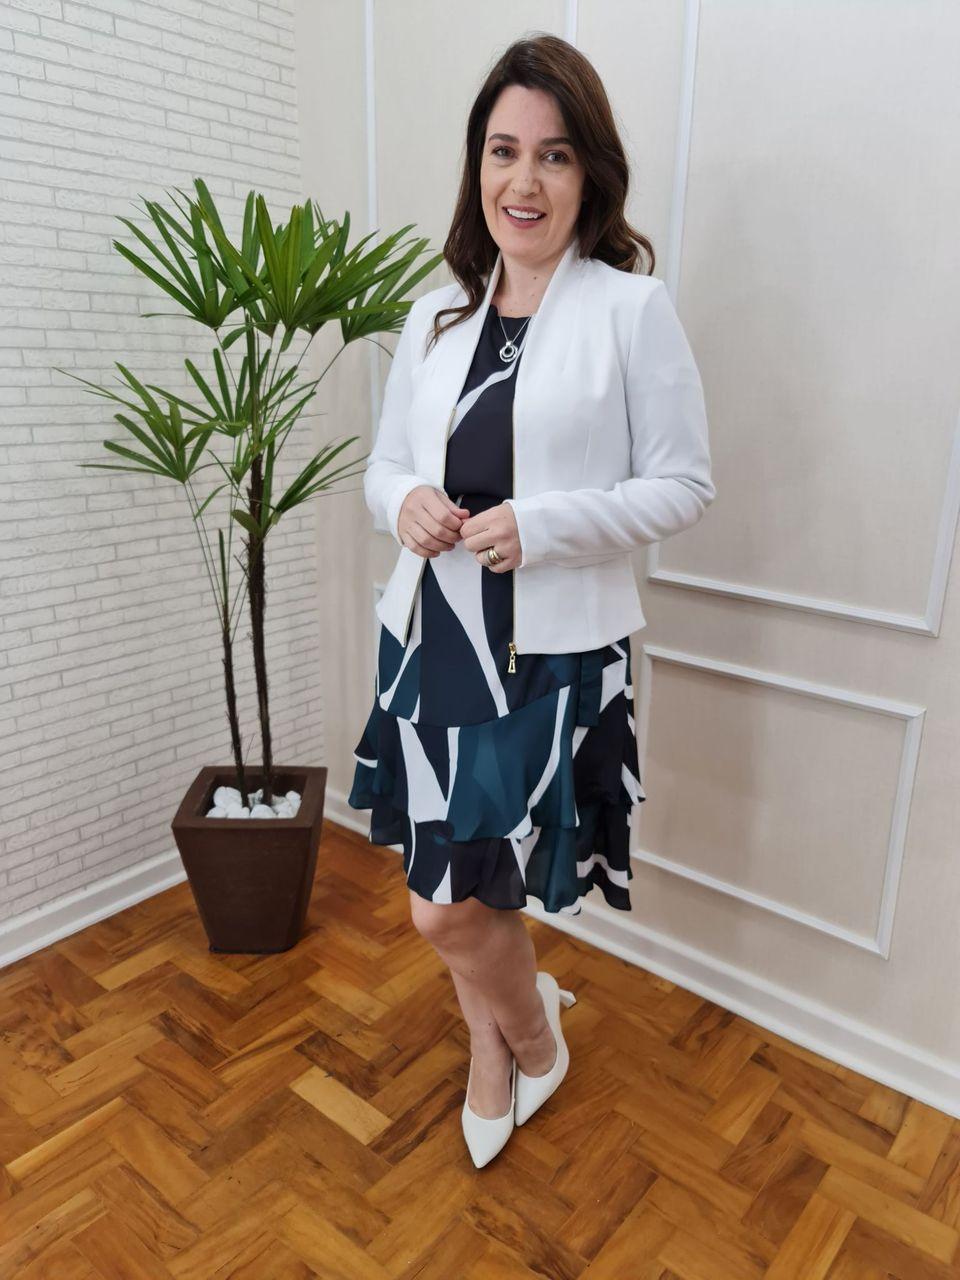 JAQUETA CECYTHA MODAS ANANDA EM ALFAIATARIA OFF-WHITE MODA EVANGÉLICA